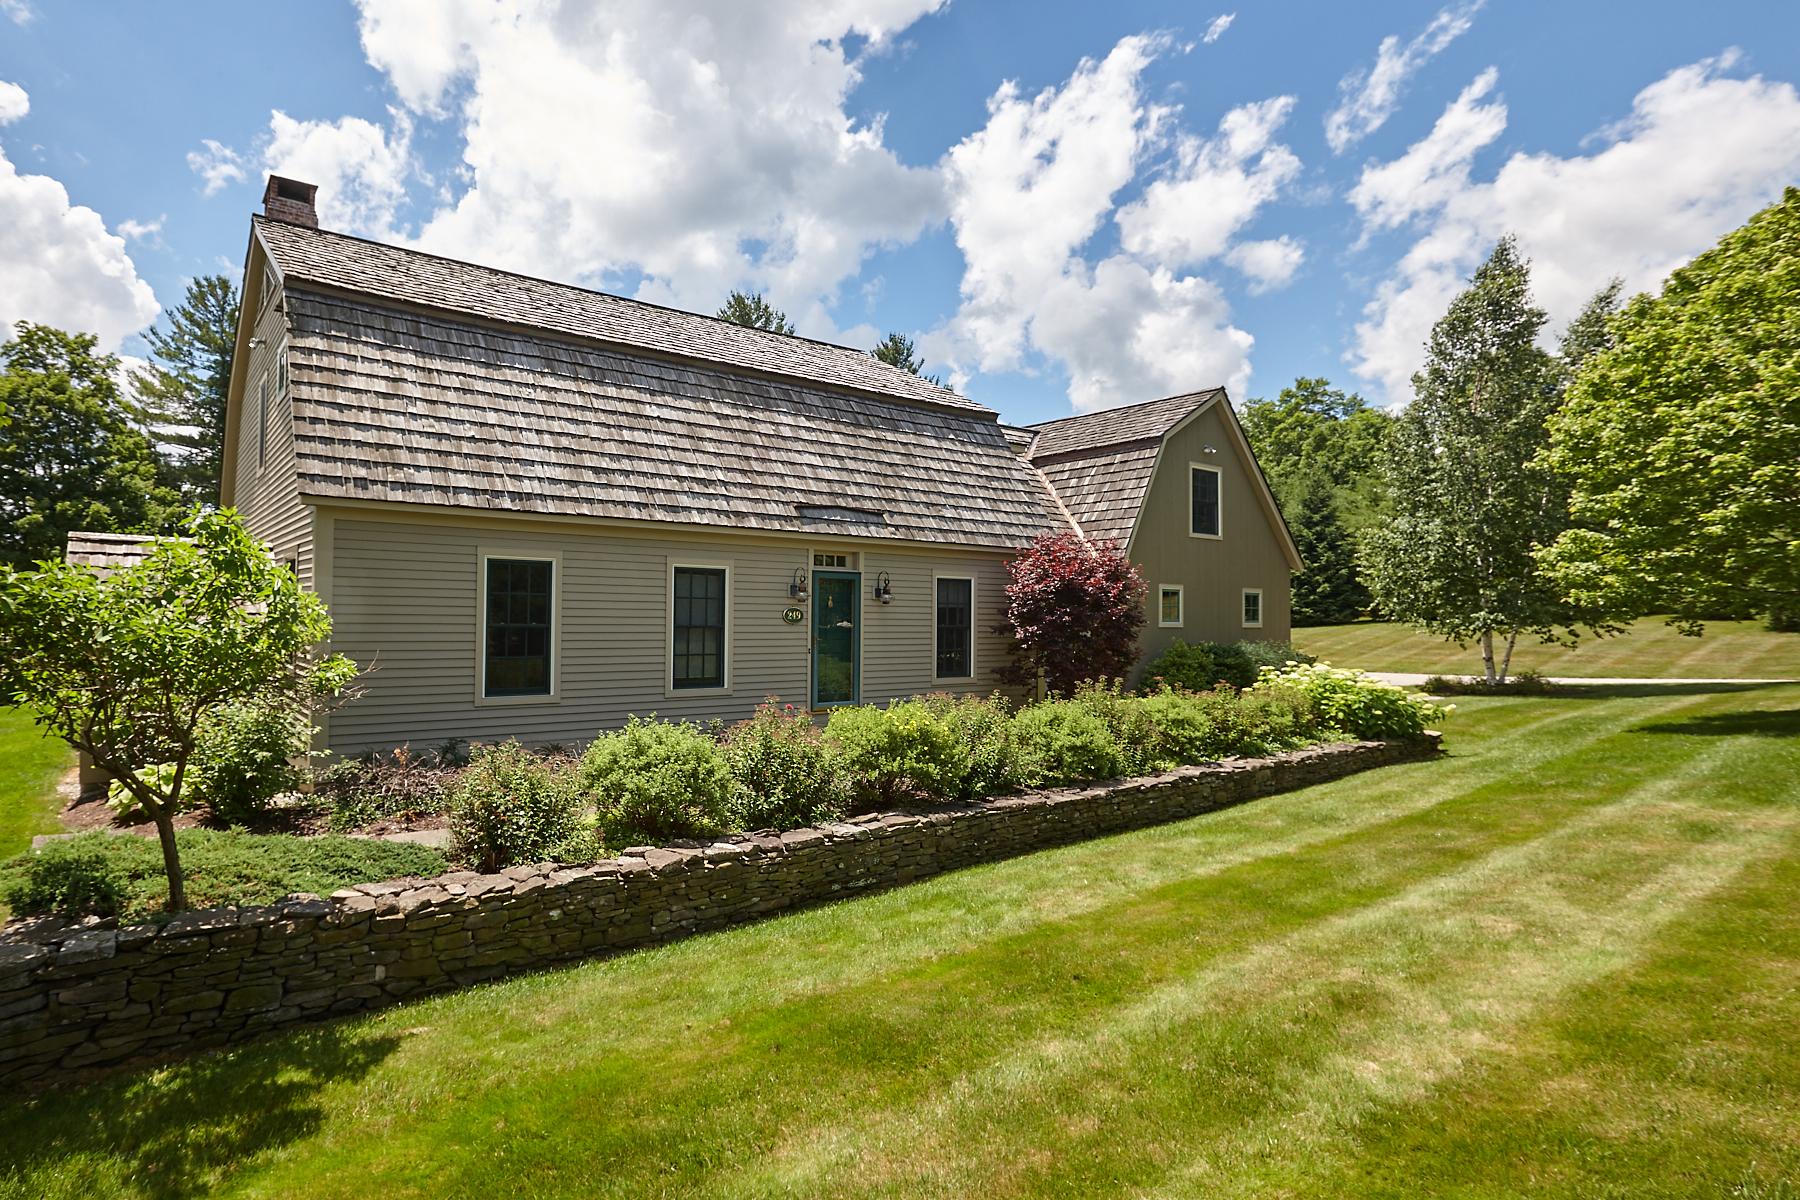 single family homes for Sale at 249 Edward Isham Road, Manchester 249 Edward Isham Rd Manchester, Vermont 05255 United States